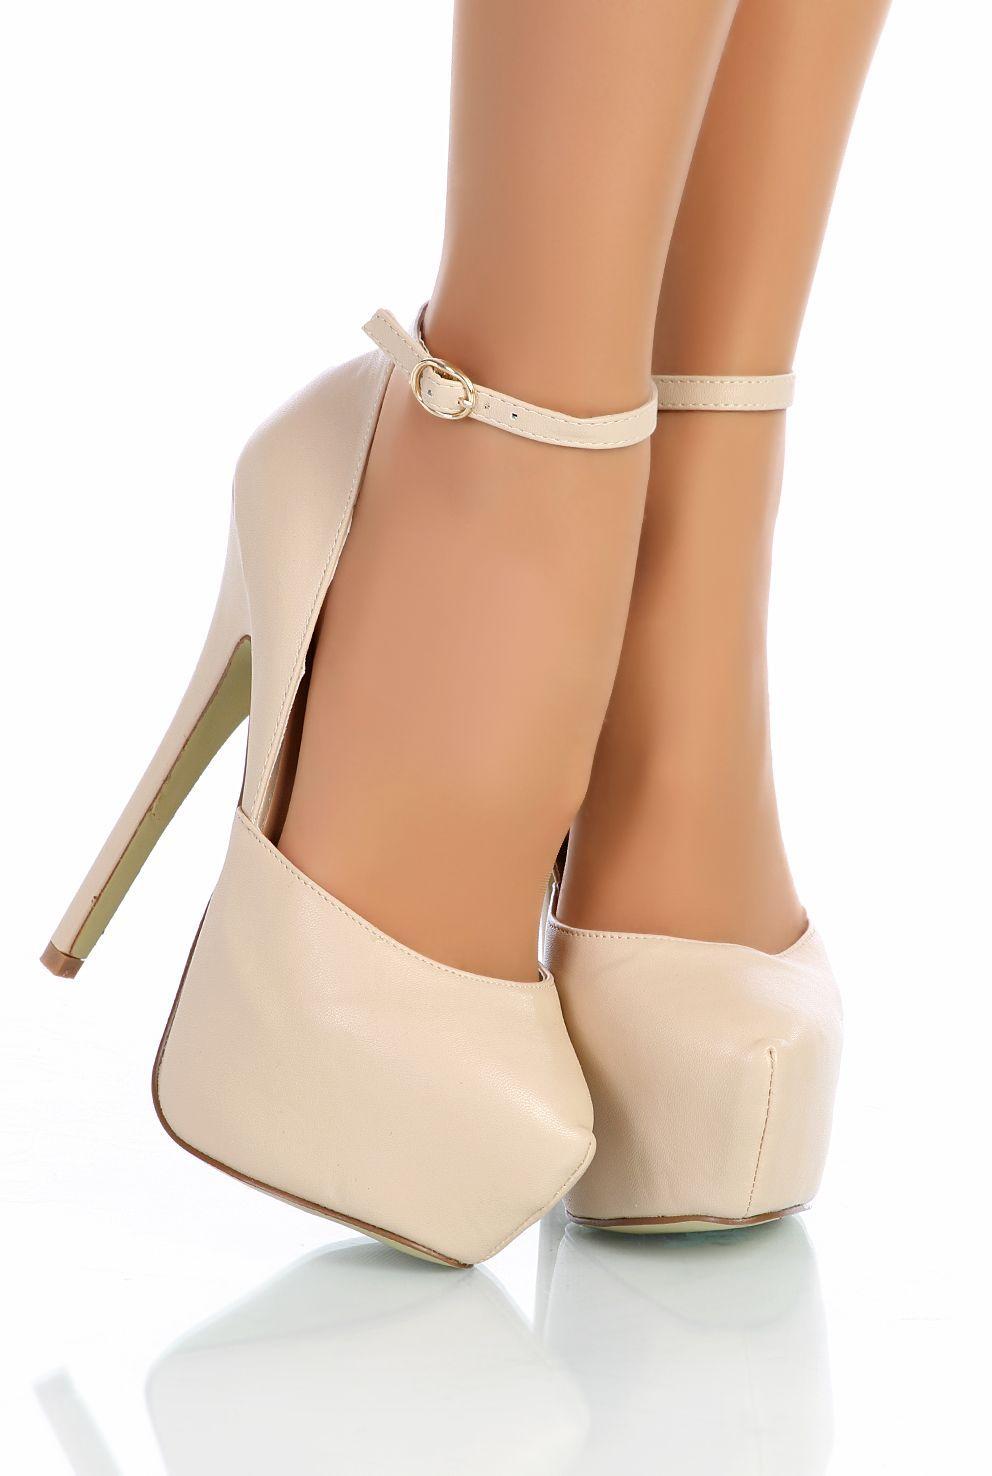 425fcff2465e Escarpins Beige à bride  Optez pour ces magnifiques escarpins à bouts ronds  de couleur beige avec bride à la cheville en simili-cuir. Superbe talon  aiguille ...